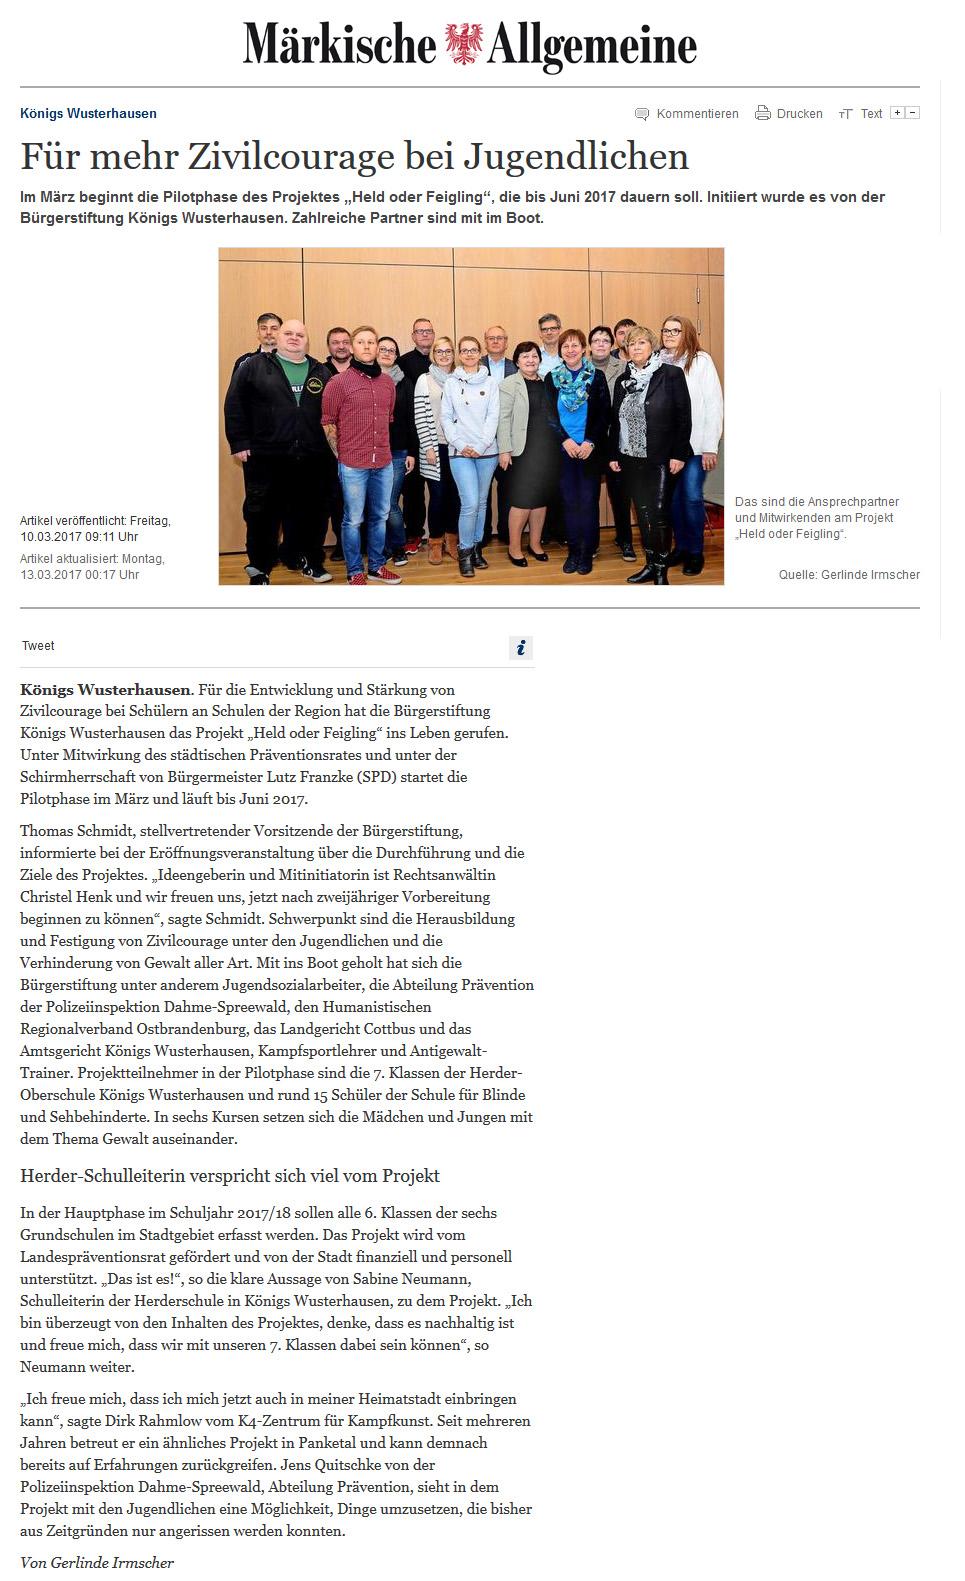 Niedlich Beispiele Mit Freiwilliger Erfahrung Fortsetzen Galerie ...